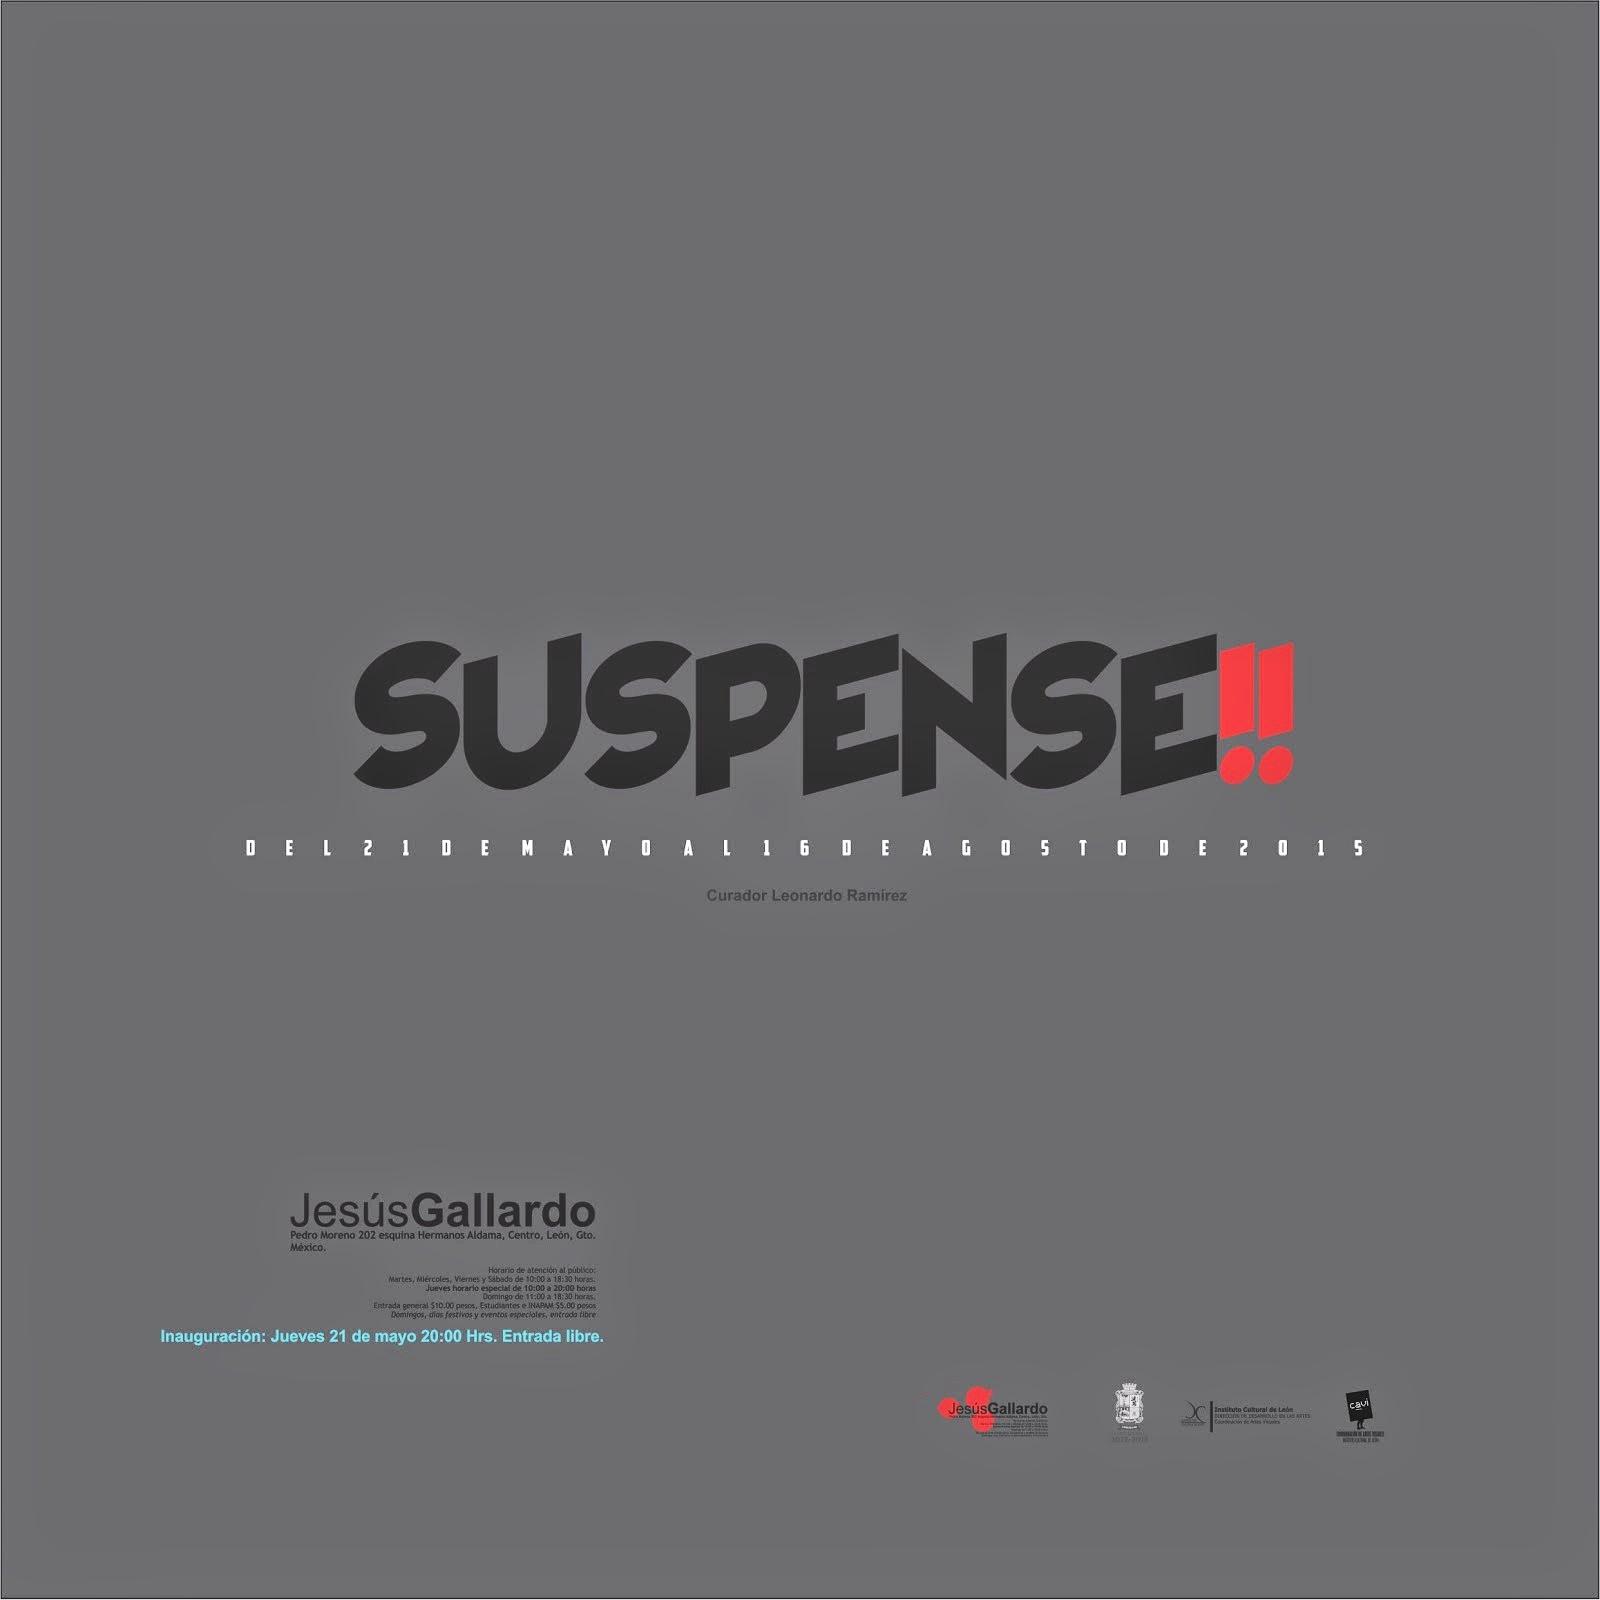 Suspense!!